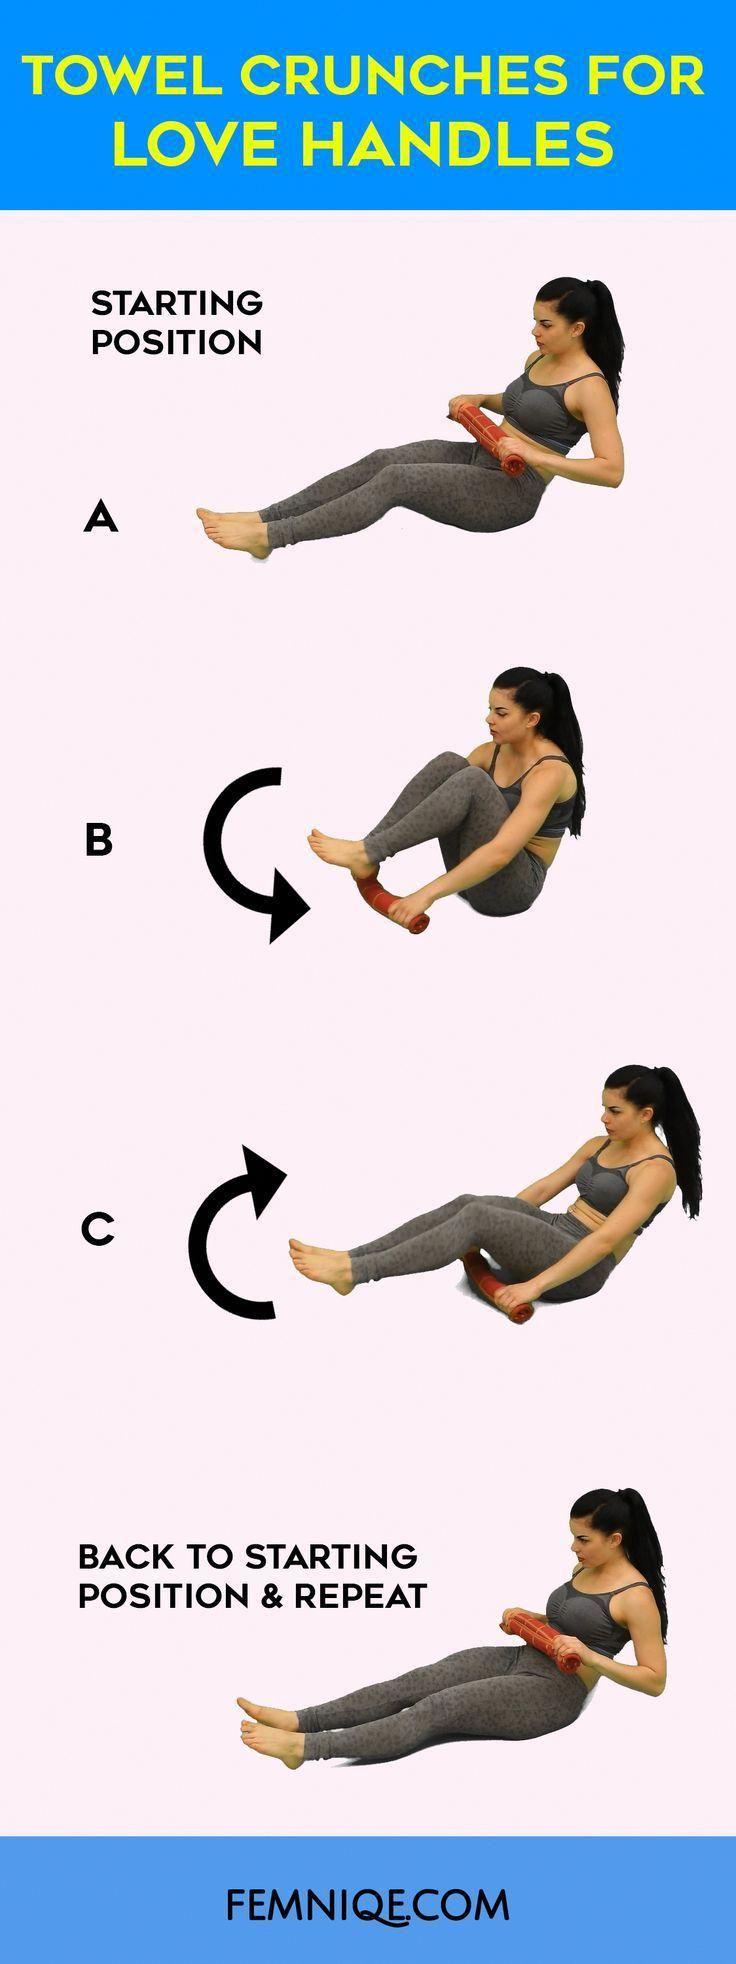 handle exercises Boob